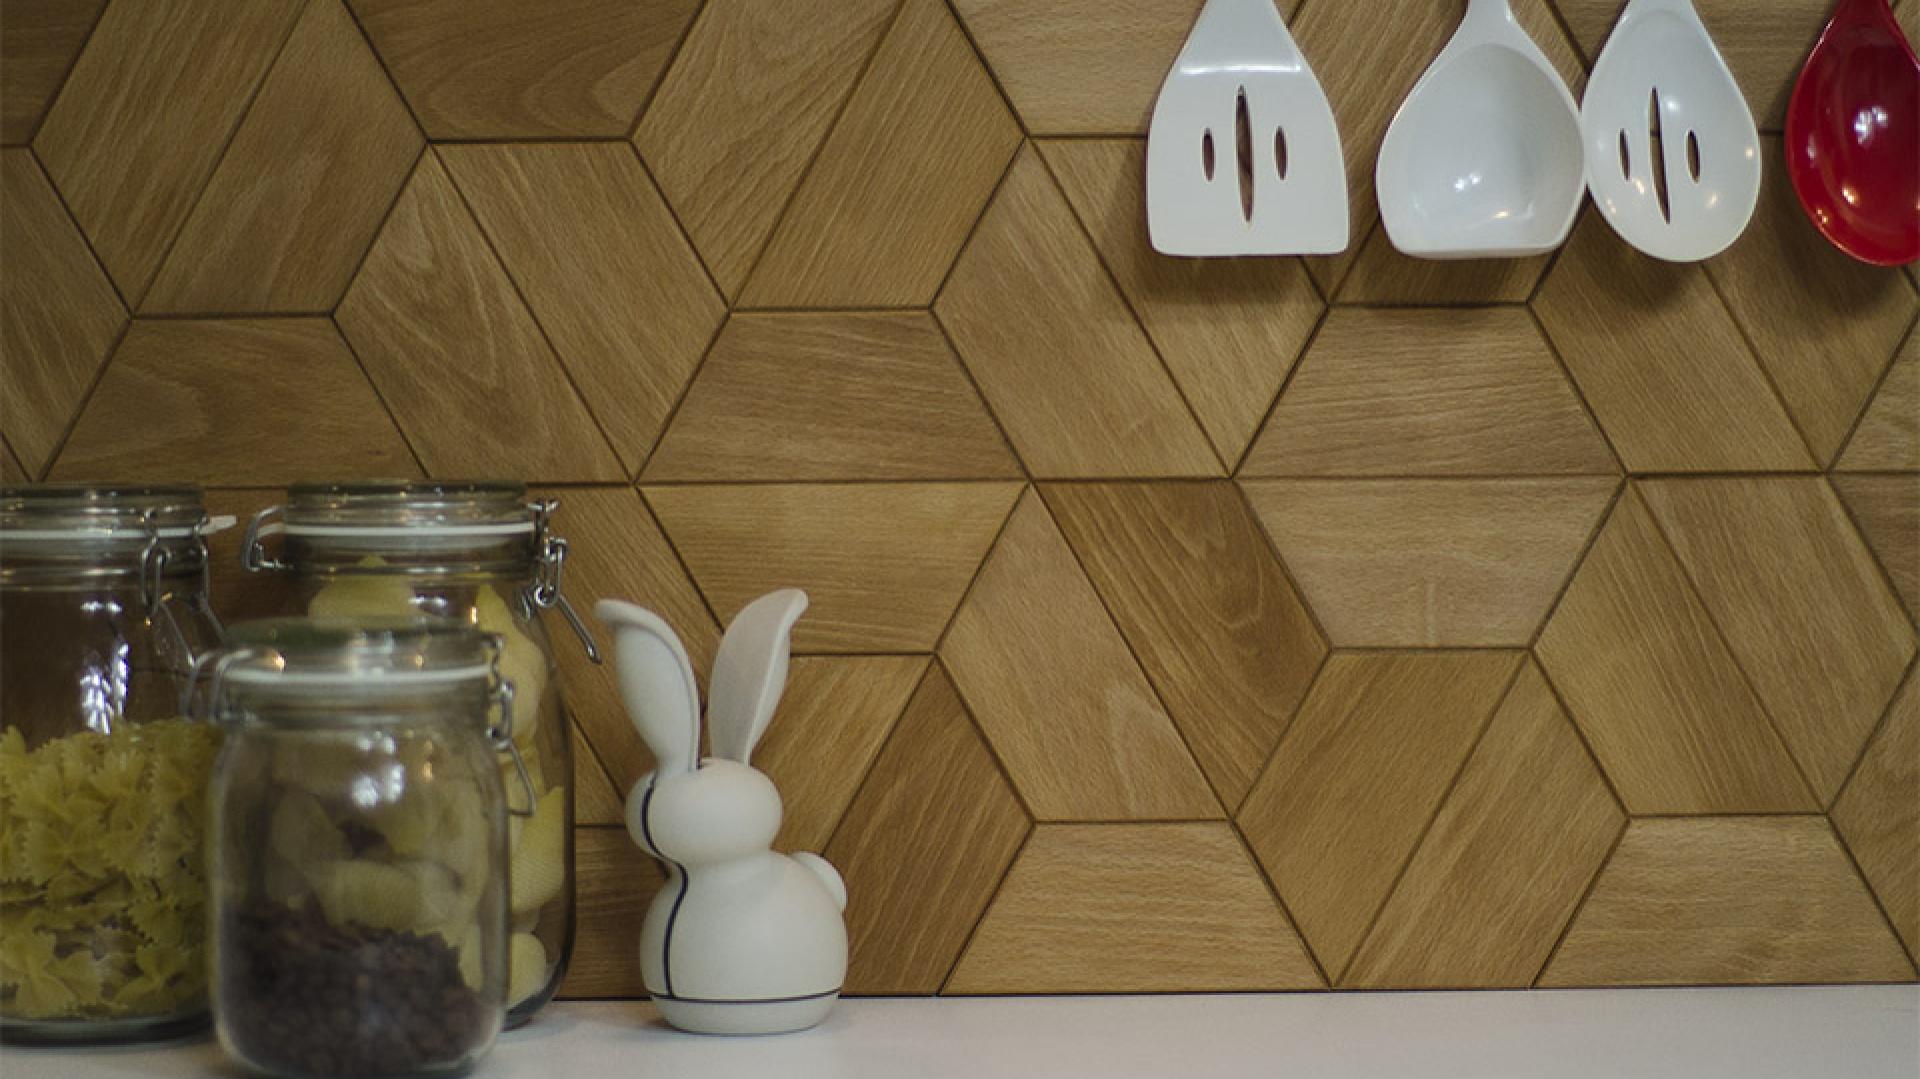 Klepka parkietowa Half-Fex ma formę połowy heksagonu. Figura ta jest niezwykle modna w tym sezonie, co widać w ofercie producentów mebli czy płytek. Teraz możemy mieć modne heksagony z drewna! Fot. Dudzisz Wood and Floor